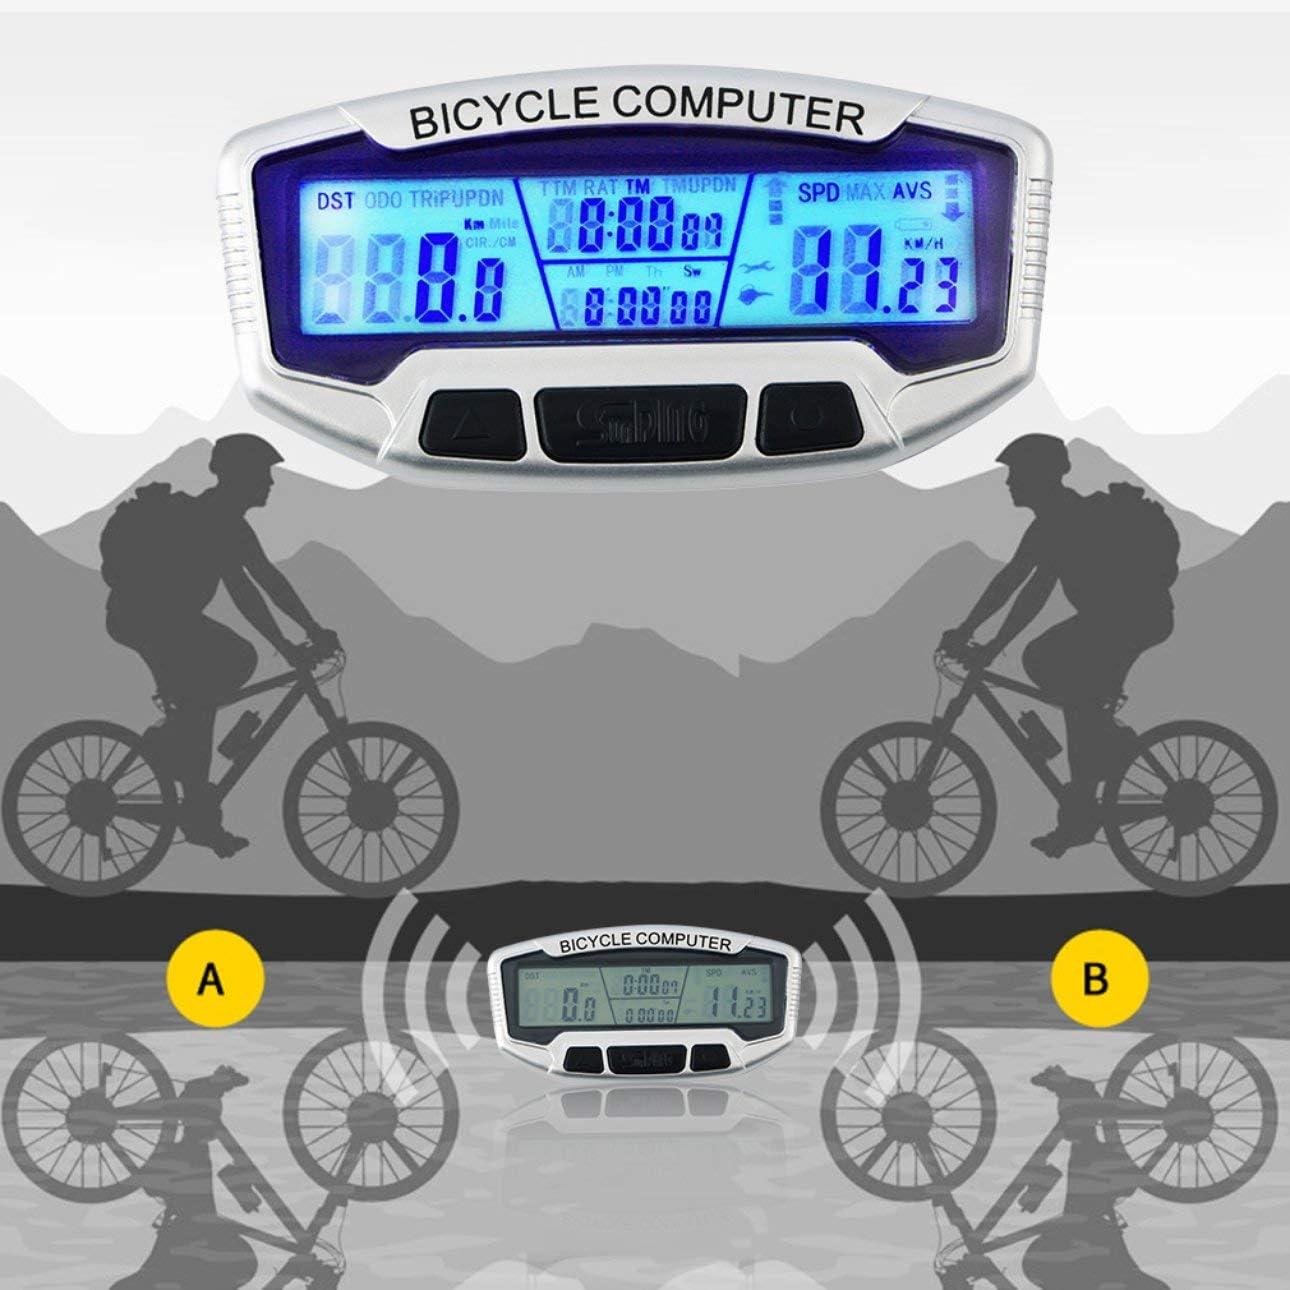 Ballylelly ABS Pantalla LCD con Cable Pantalla de la Bicicleta Ciclismo Cuentakilómetros Velocímetro Cronómetro Velometer SD-558A